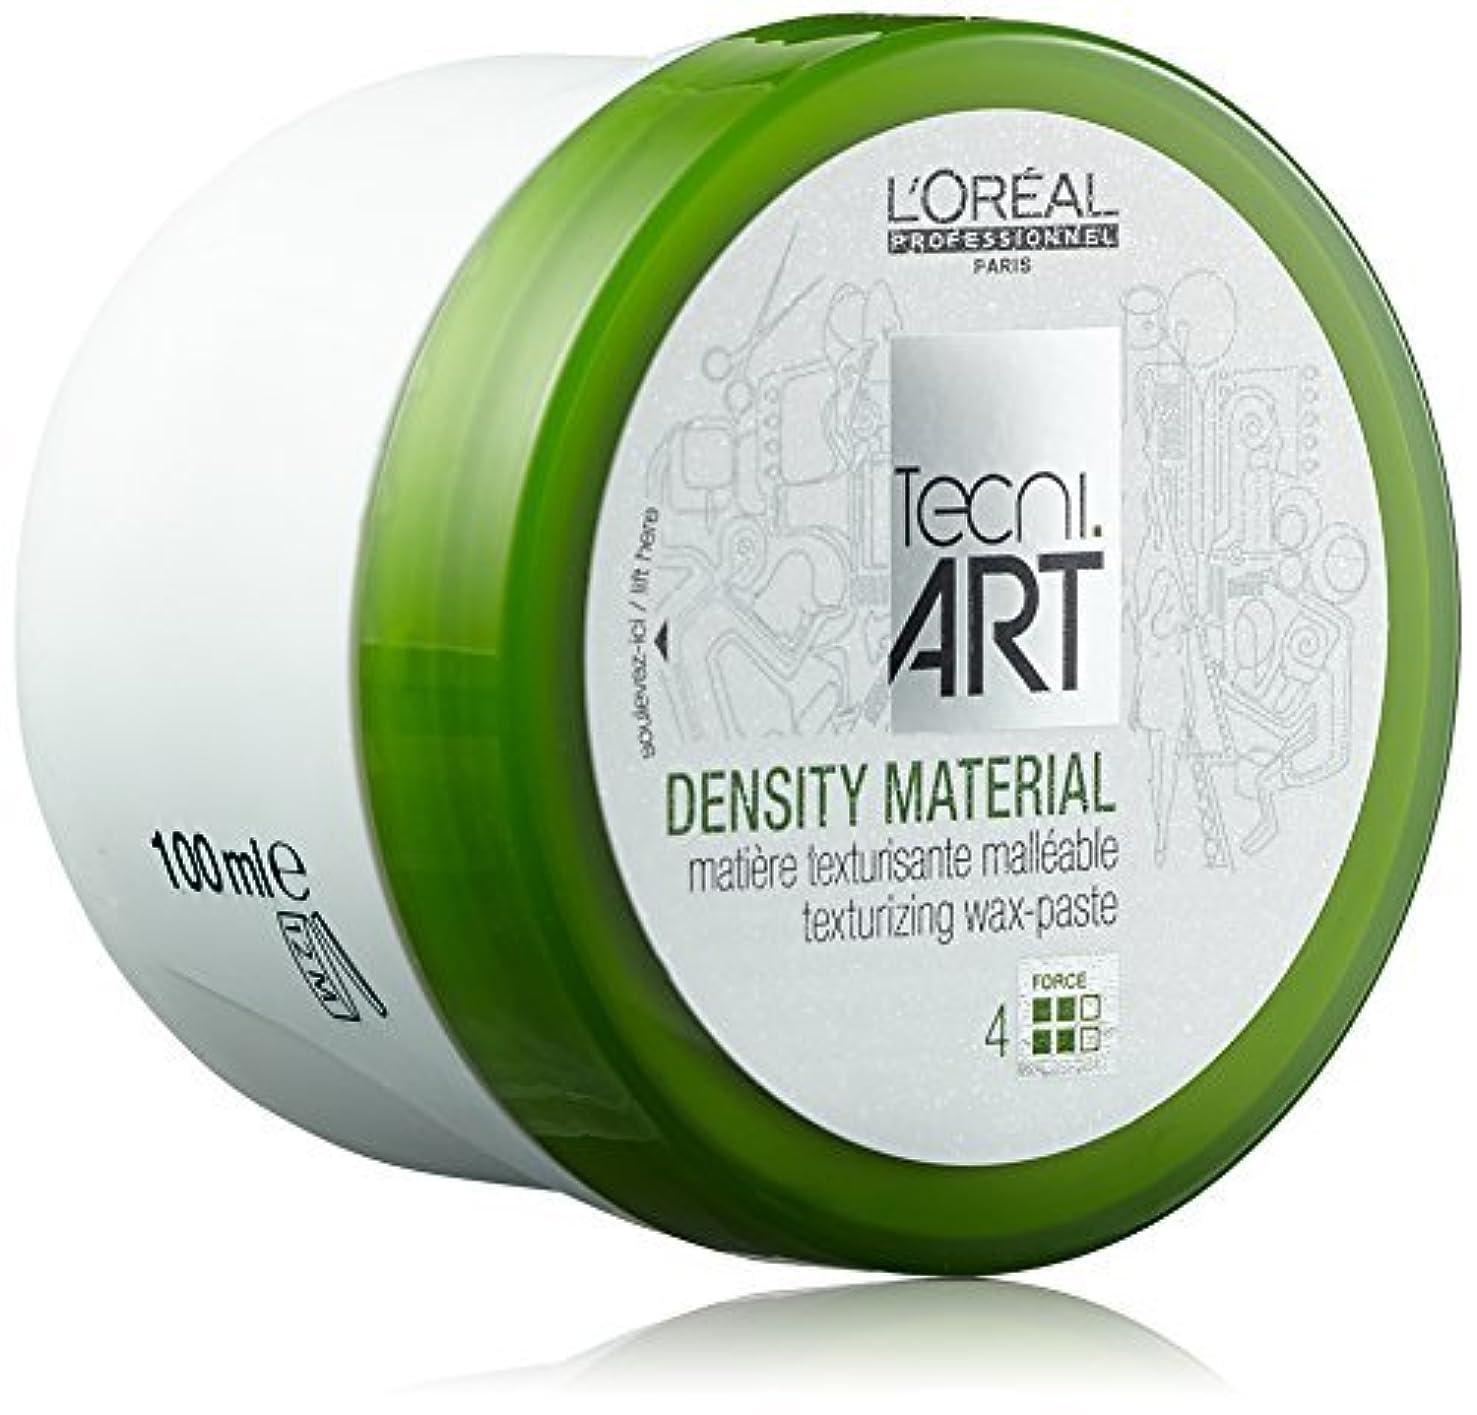 パーツ人質ちっちゃいL'Oreal Professionnel Tecni.Art Play Ball Density Material 100ml/3.4oz by L'oreal [並行輸入品]